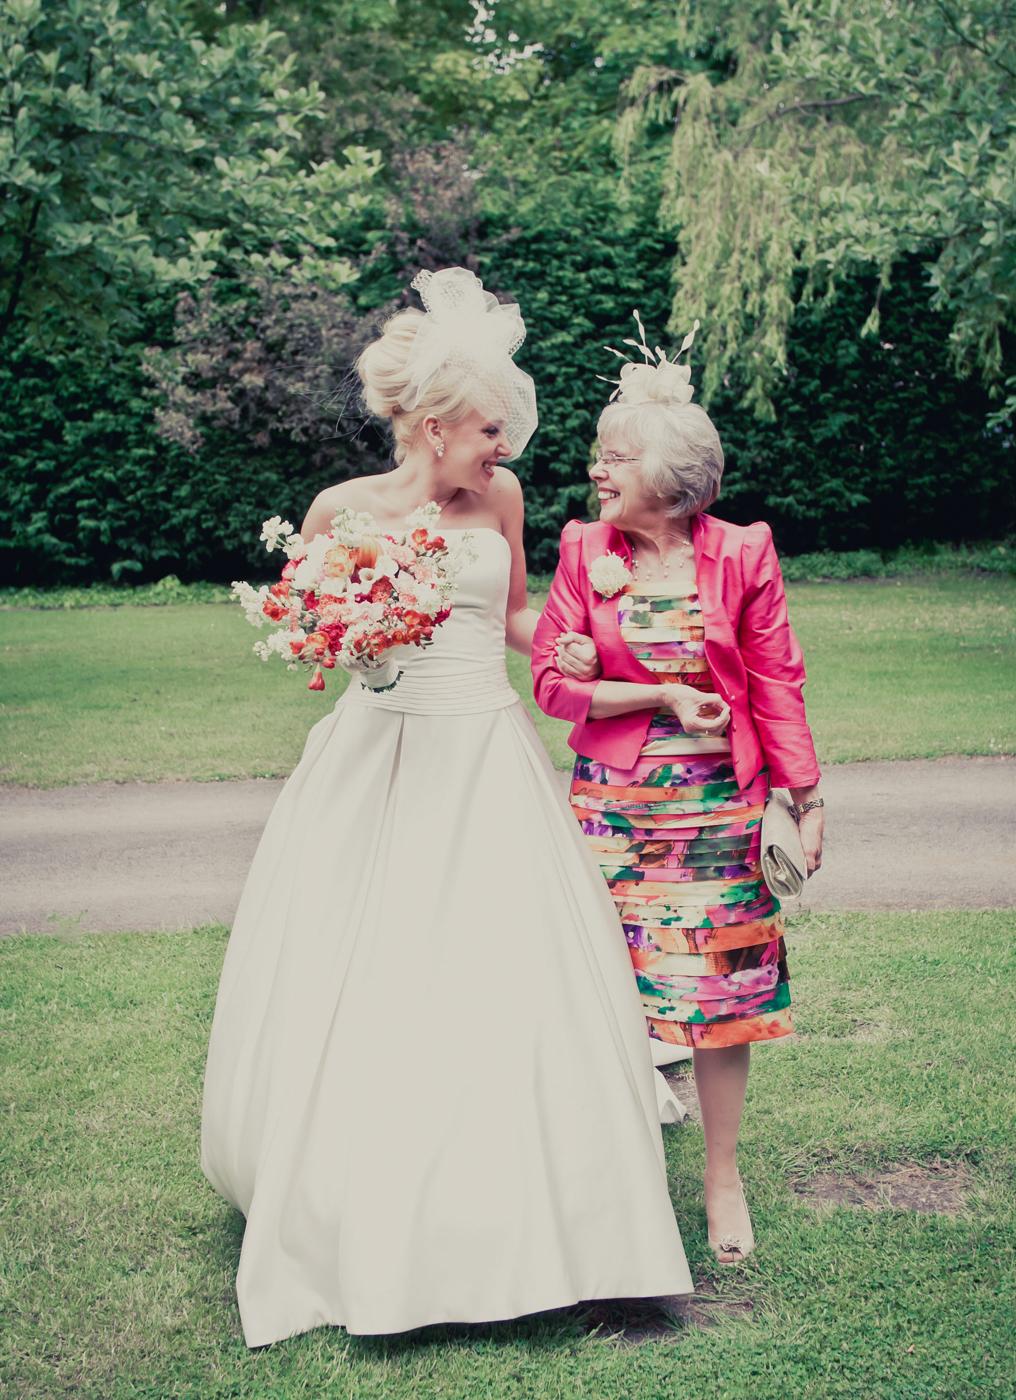 083 Keedy and Carl at The Secret Garden in Retford  - Wedding Photography by Mark Pugh www.markpugh.com_.jpg